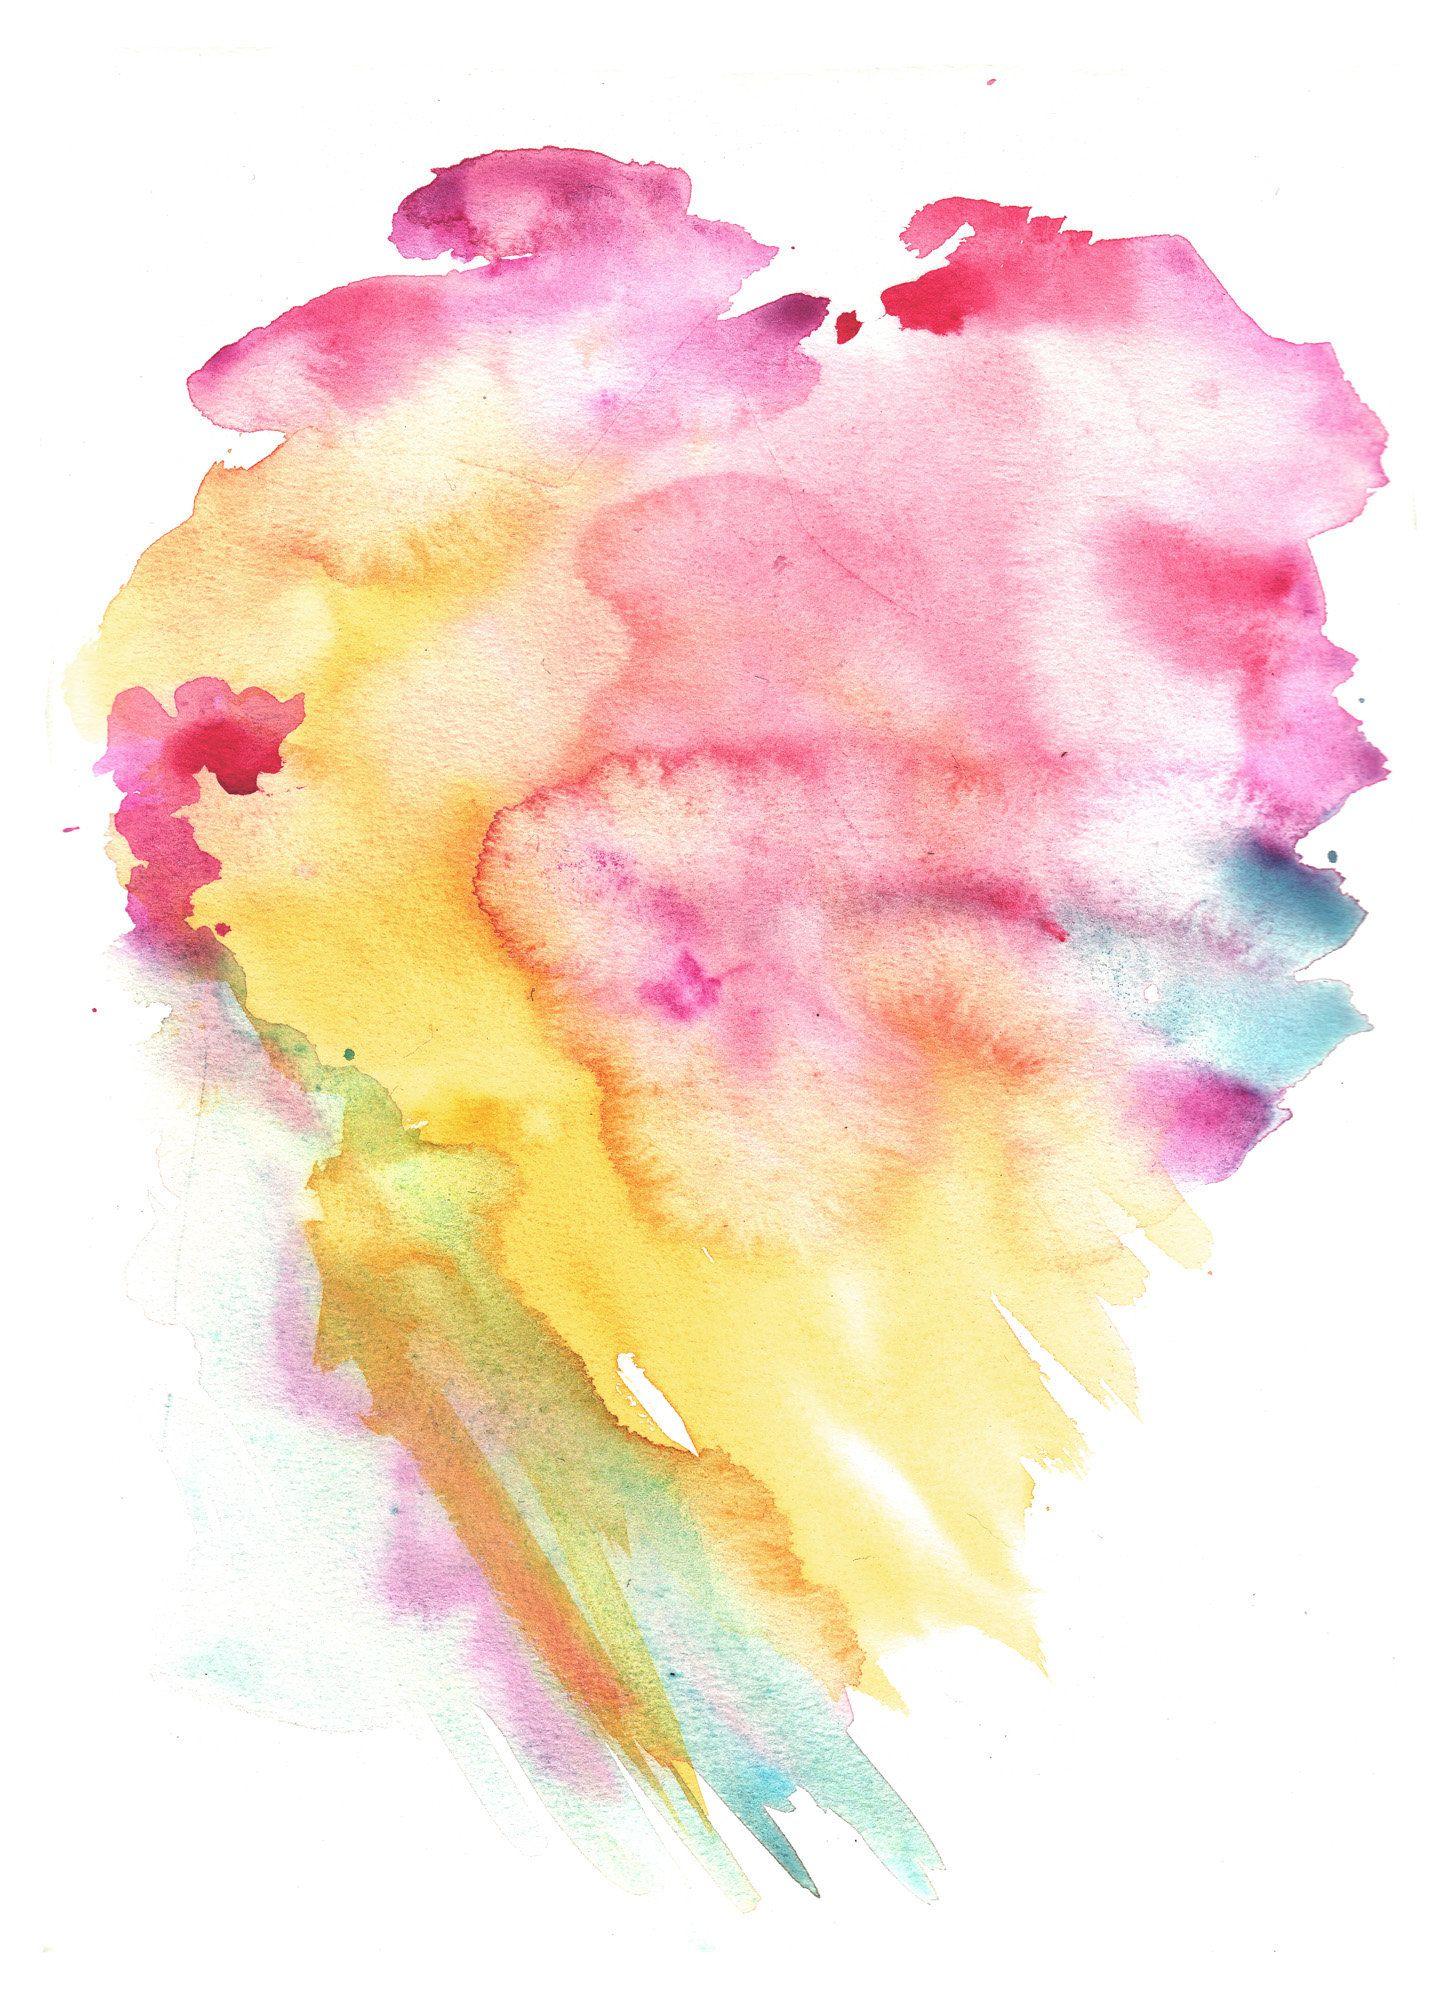 Watercolor Texture 2 Fondos Acuarela Mancha De Acuarela Acuarela Fácil